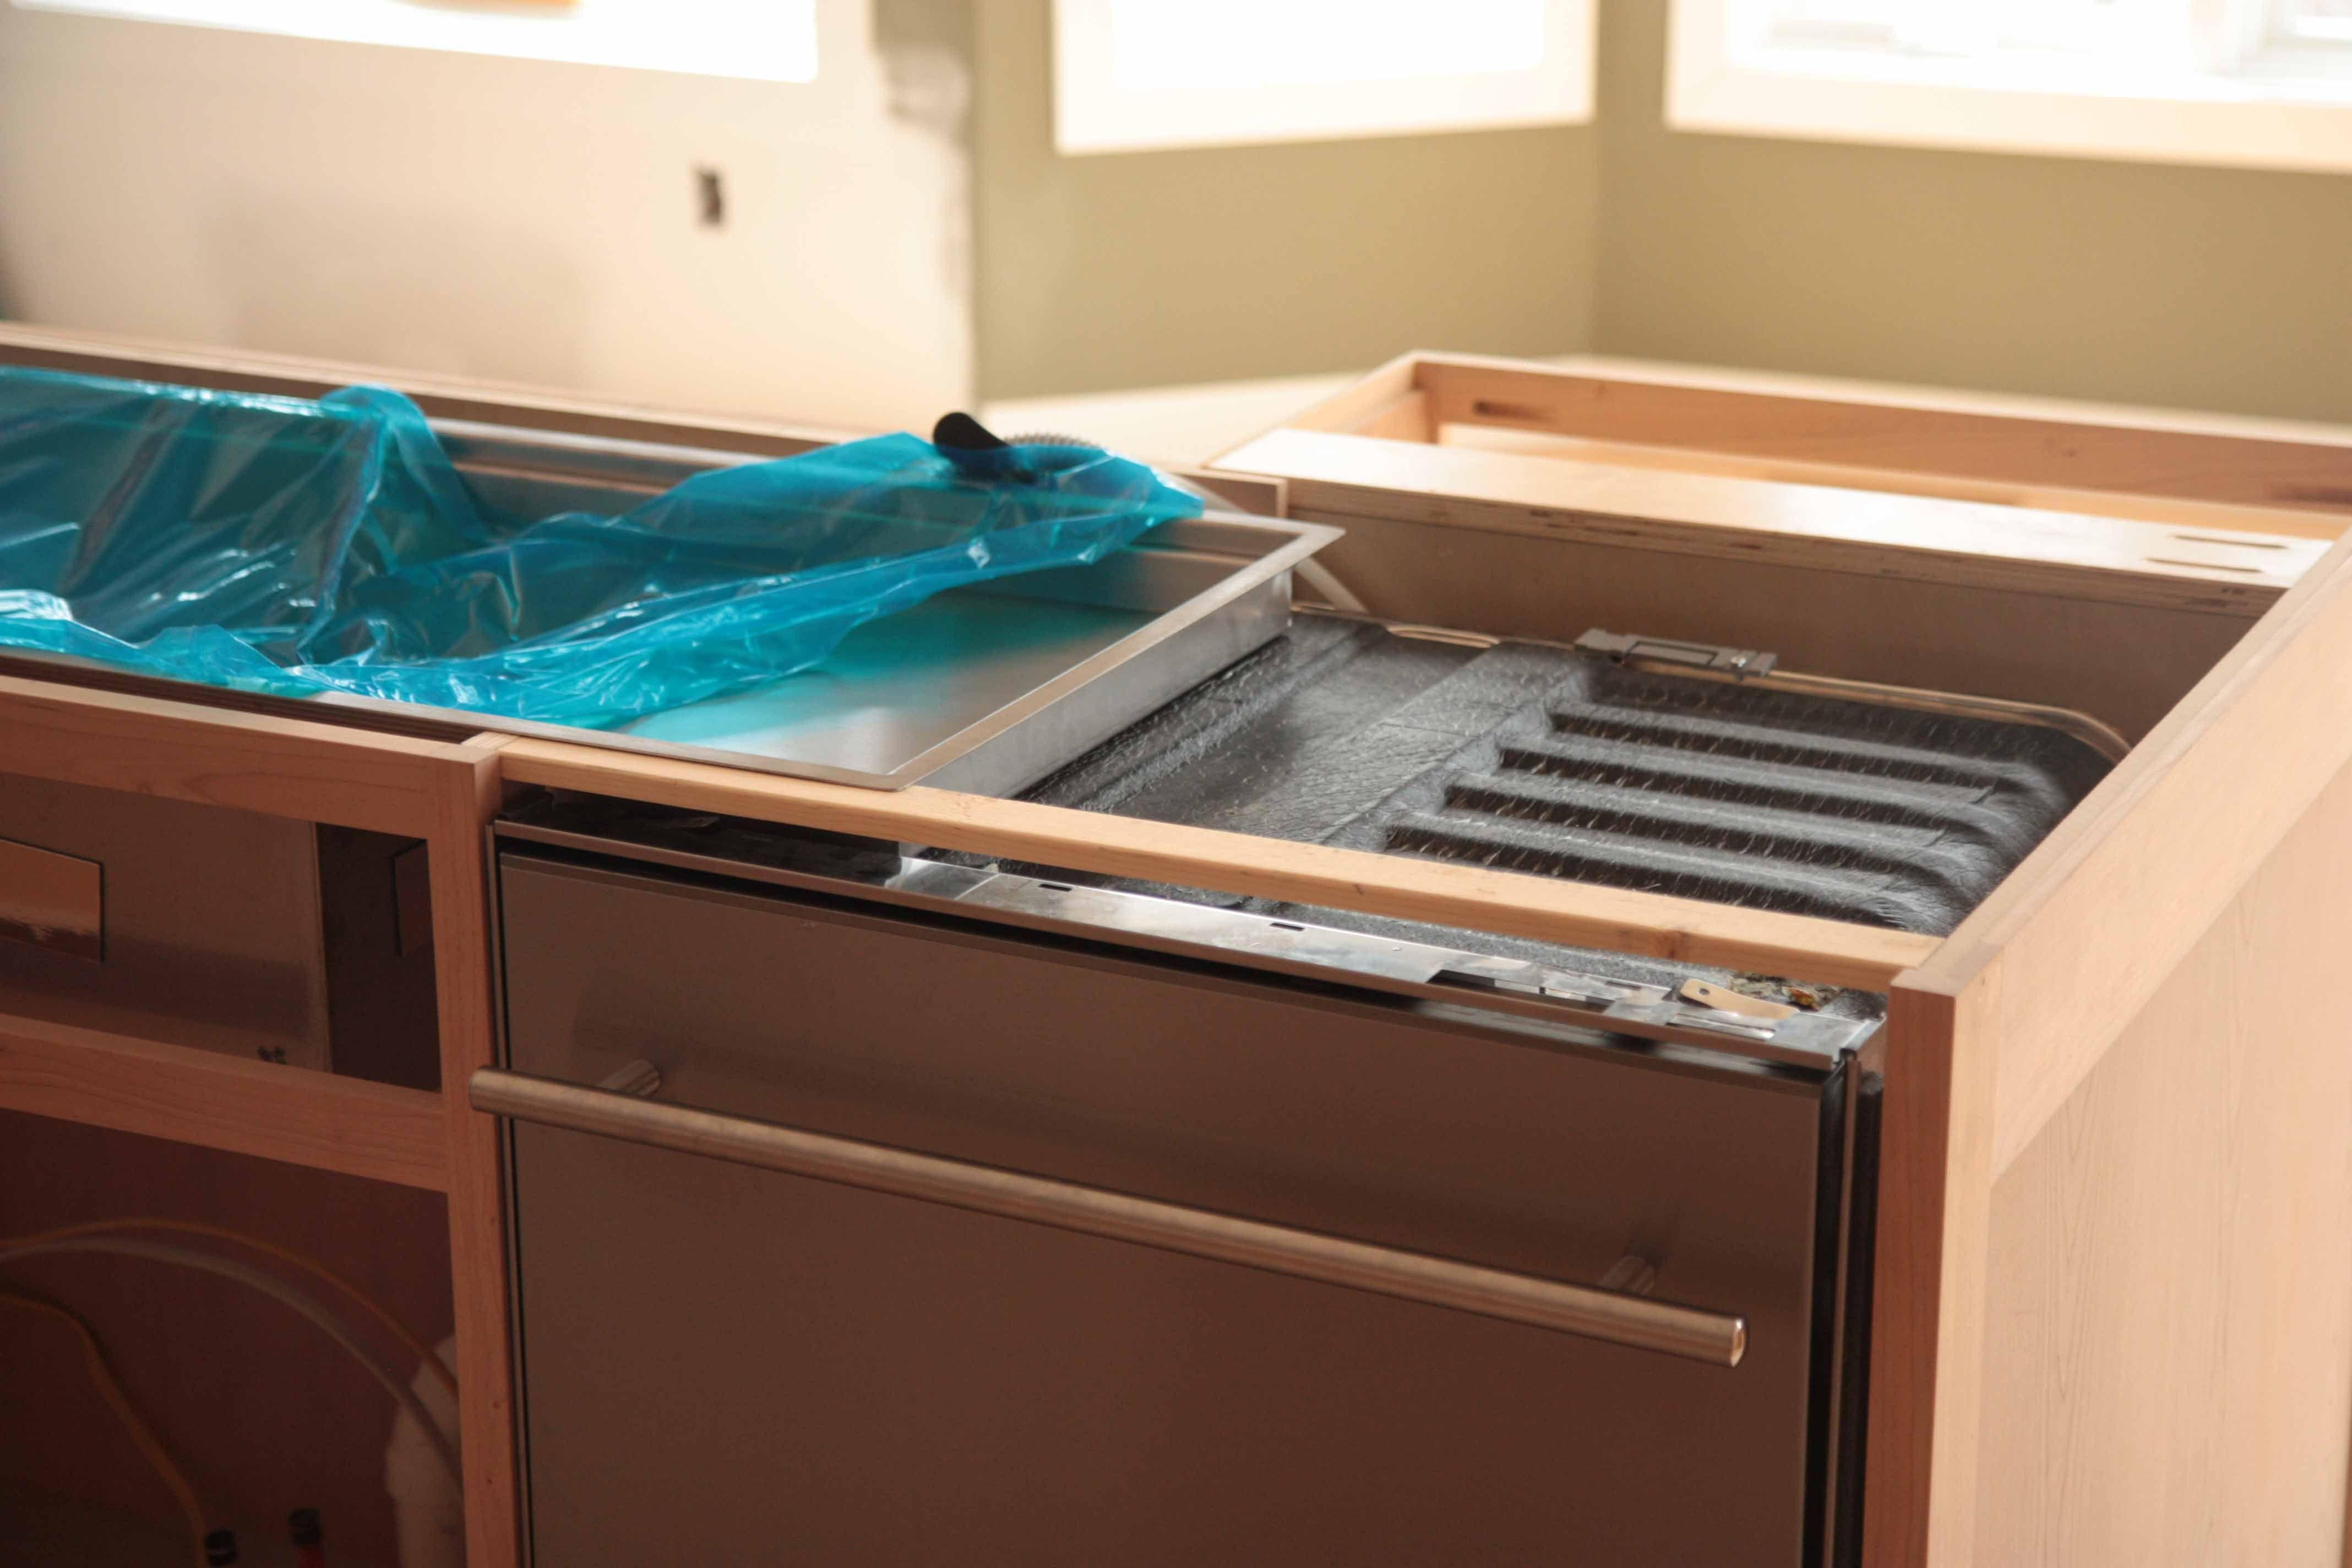 Kohler 44 Stages Sink Over A Dishwasher Kitchen Cabinet Remodel Sink Kitchen Projects